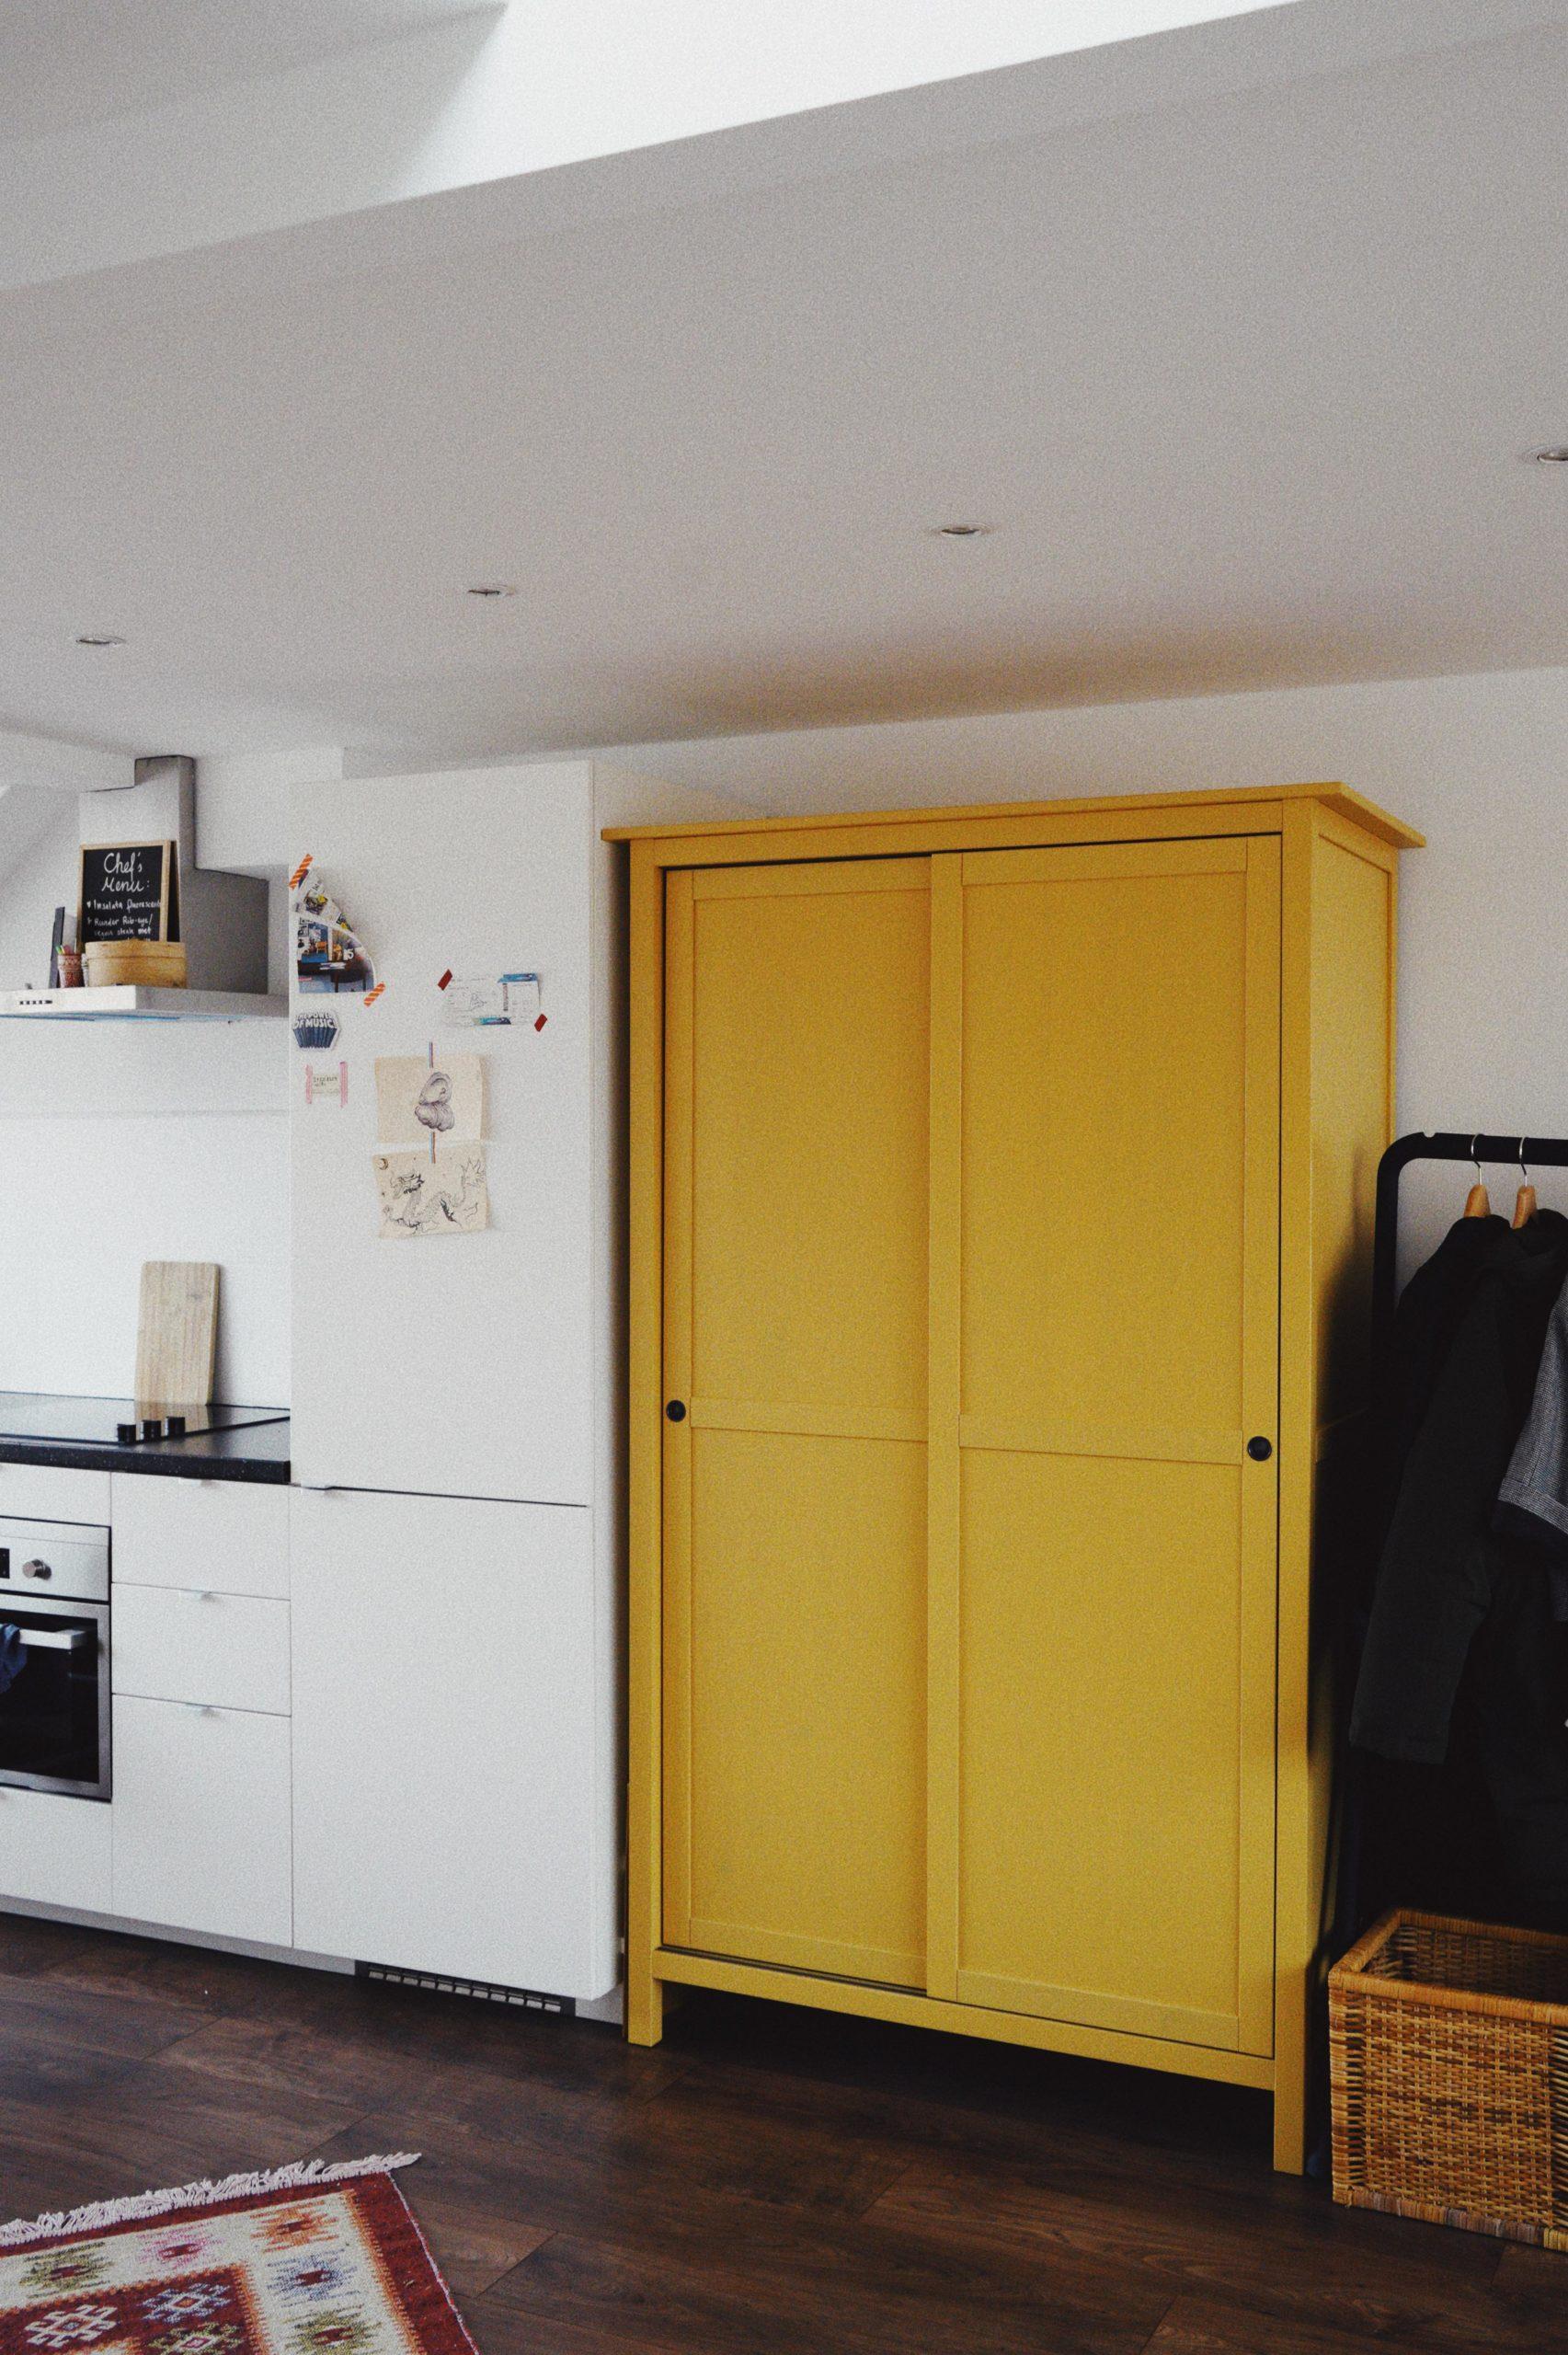 gelber schrank zwischen Küchenzeile und Kleiderstange